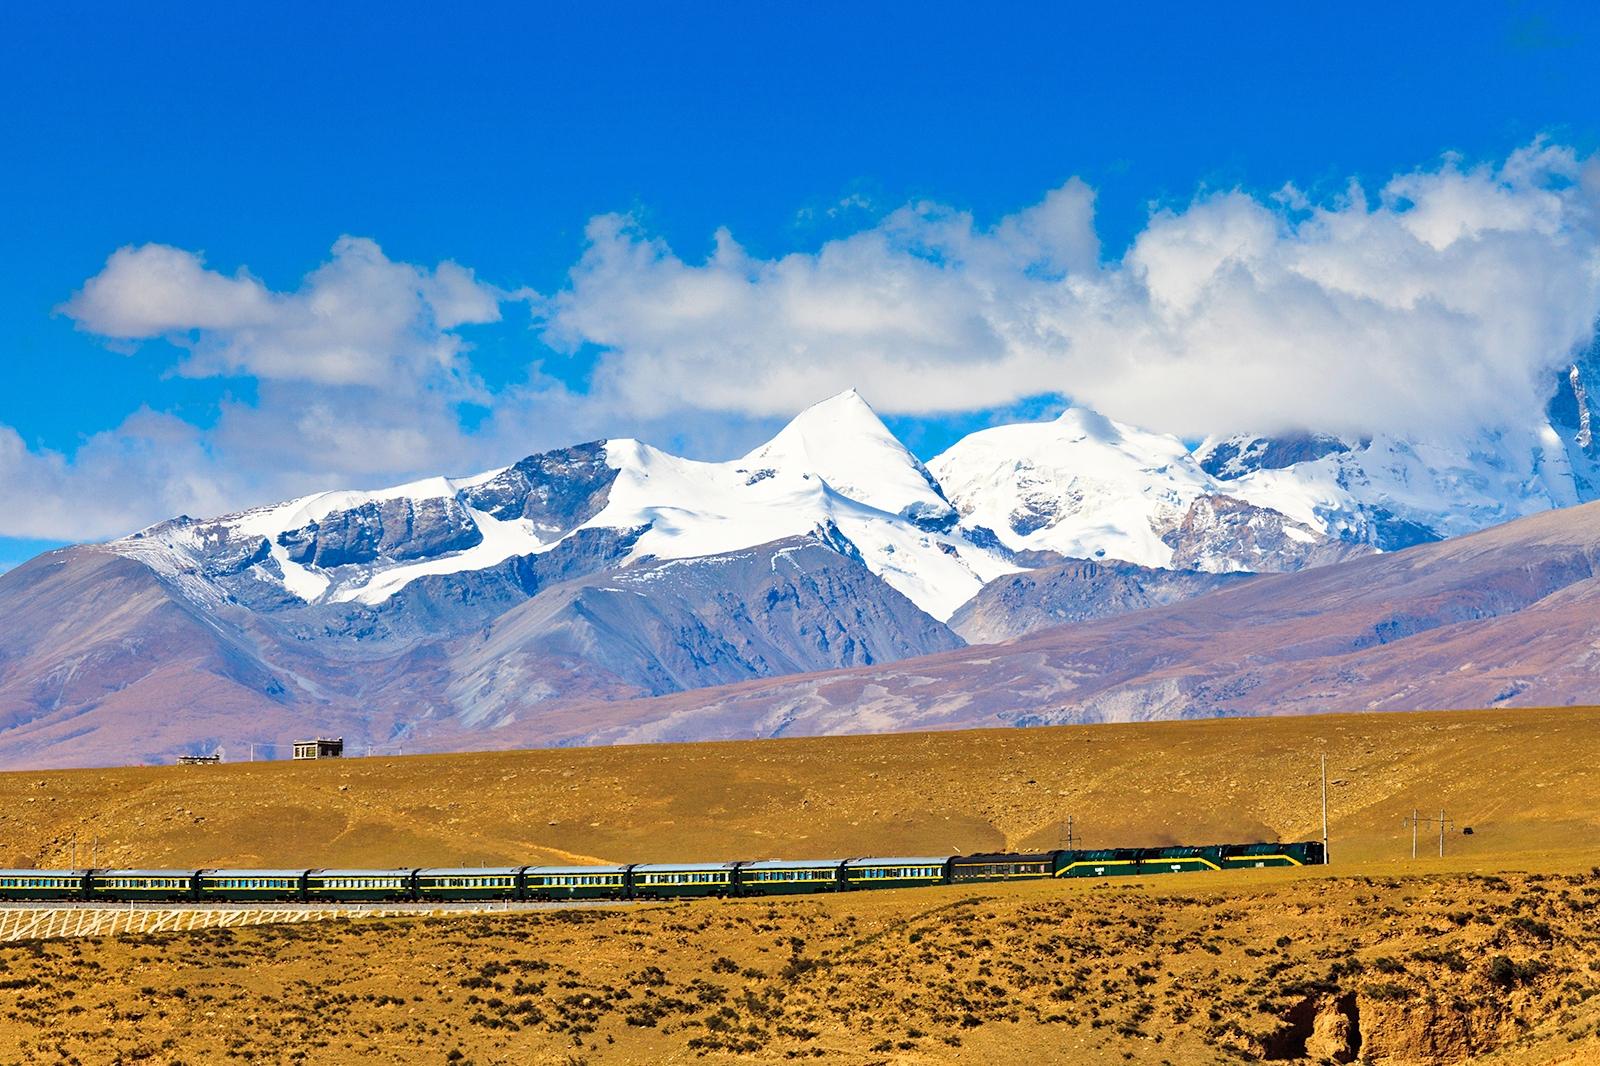 ニェンチェンタンラ山脈をバックに走る青蔵鉄道 中国の鉄道風景